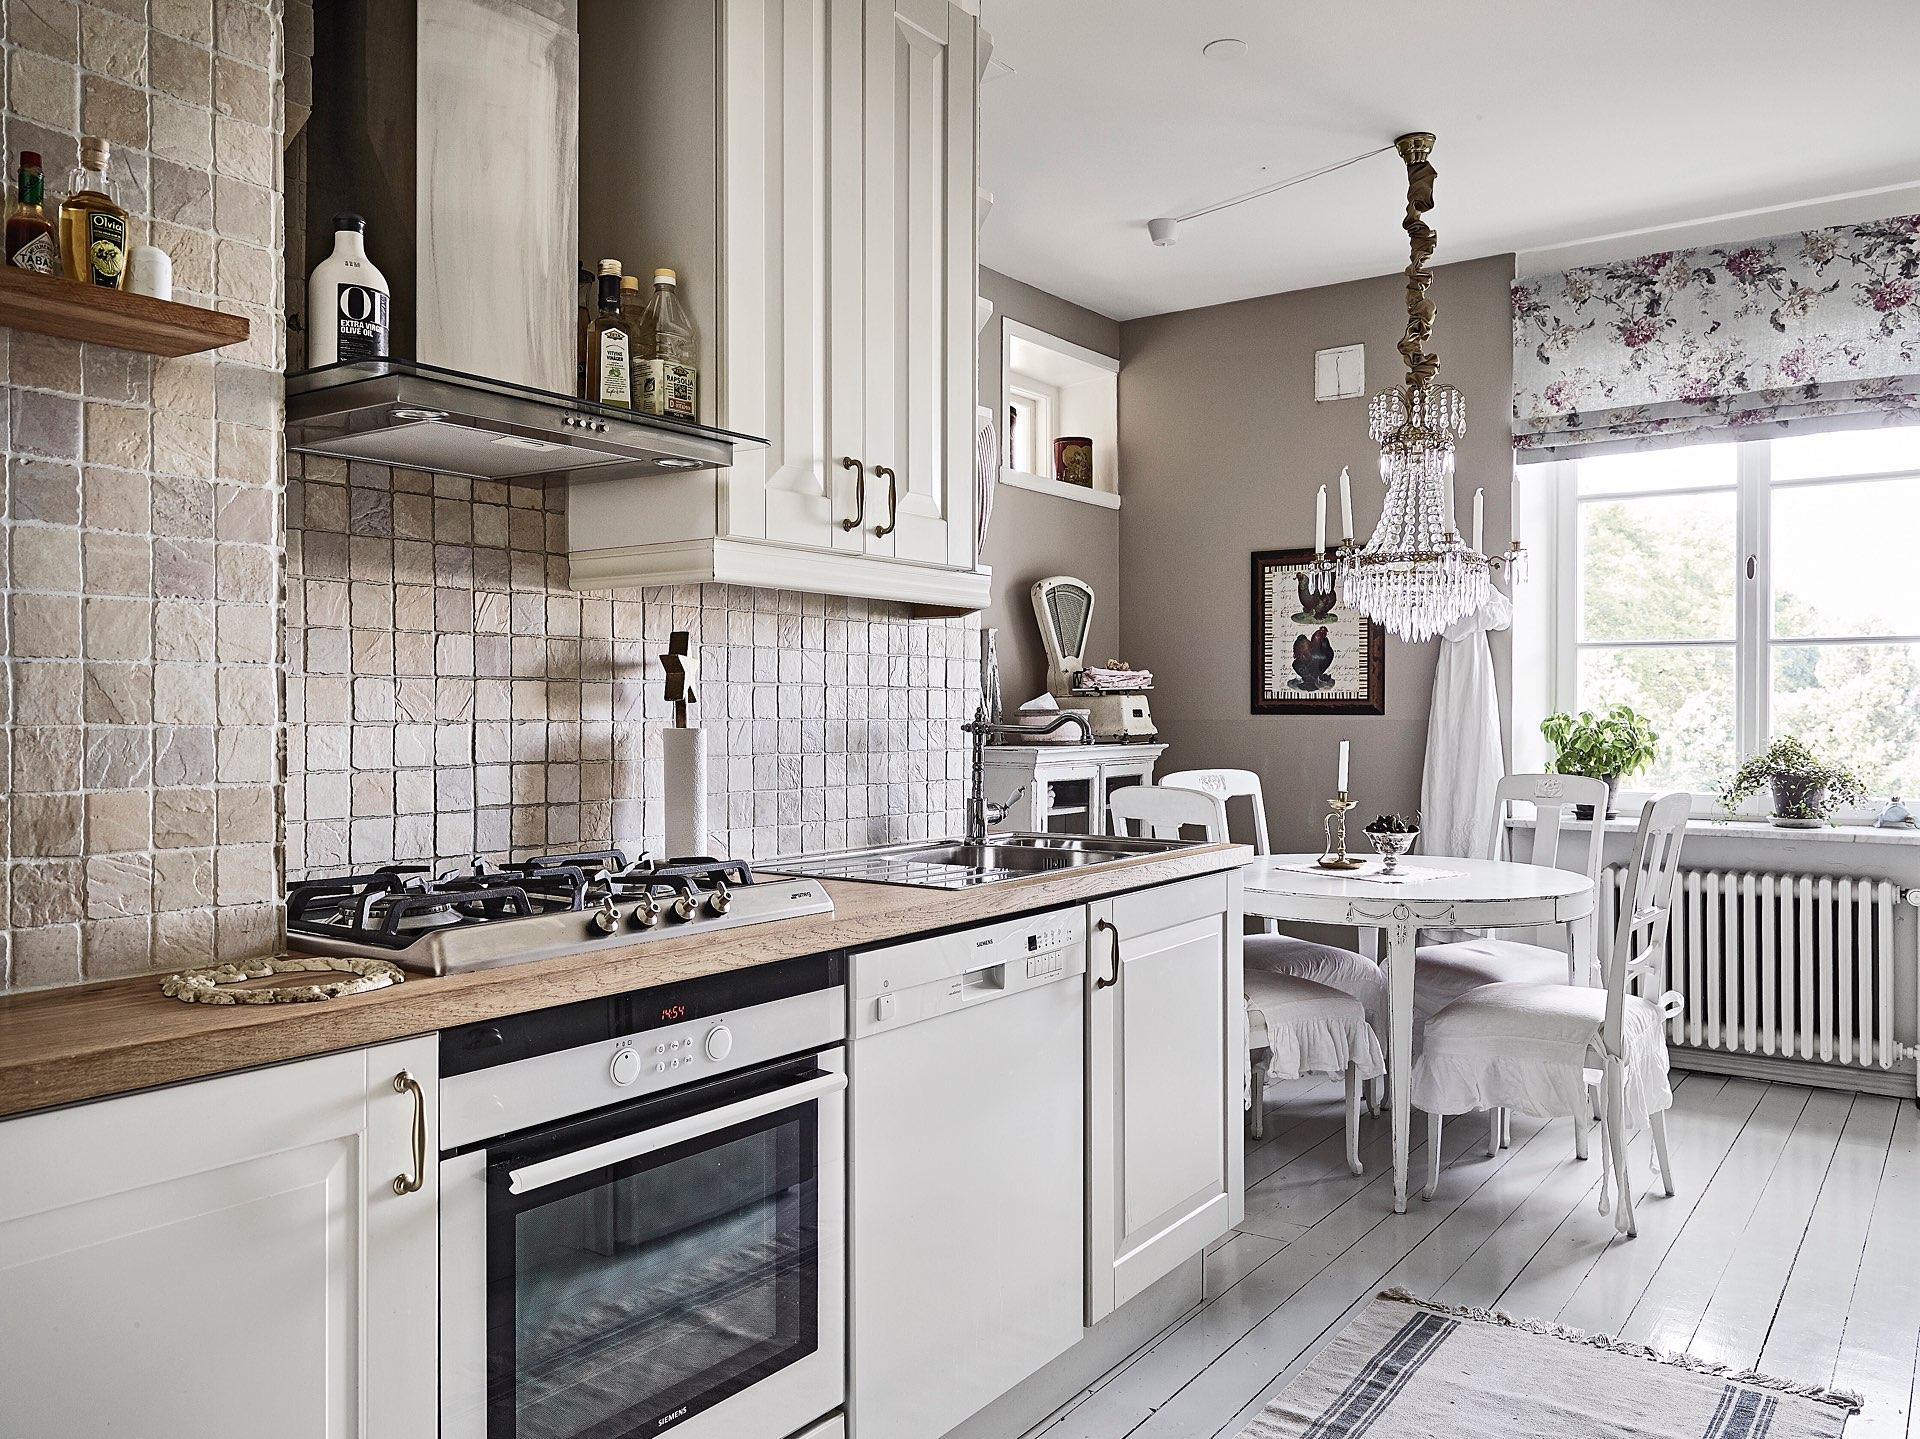 кухня газовая варочная панель духовка вытяжка квадратная плитка